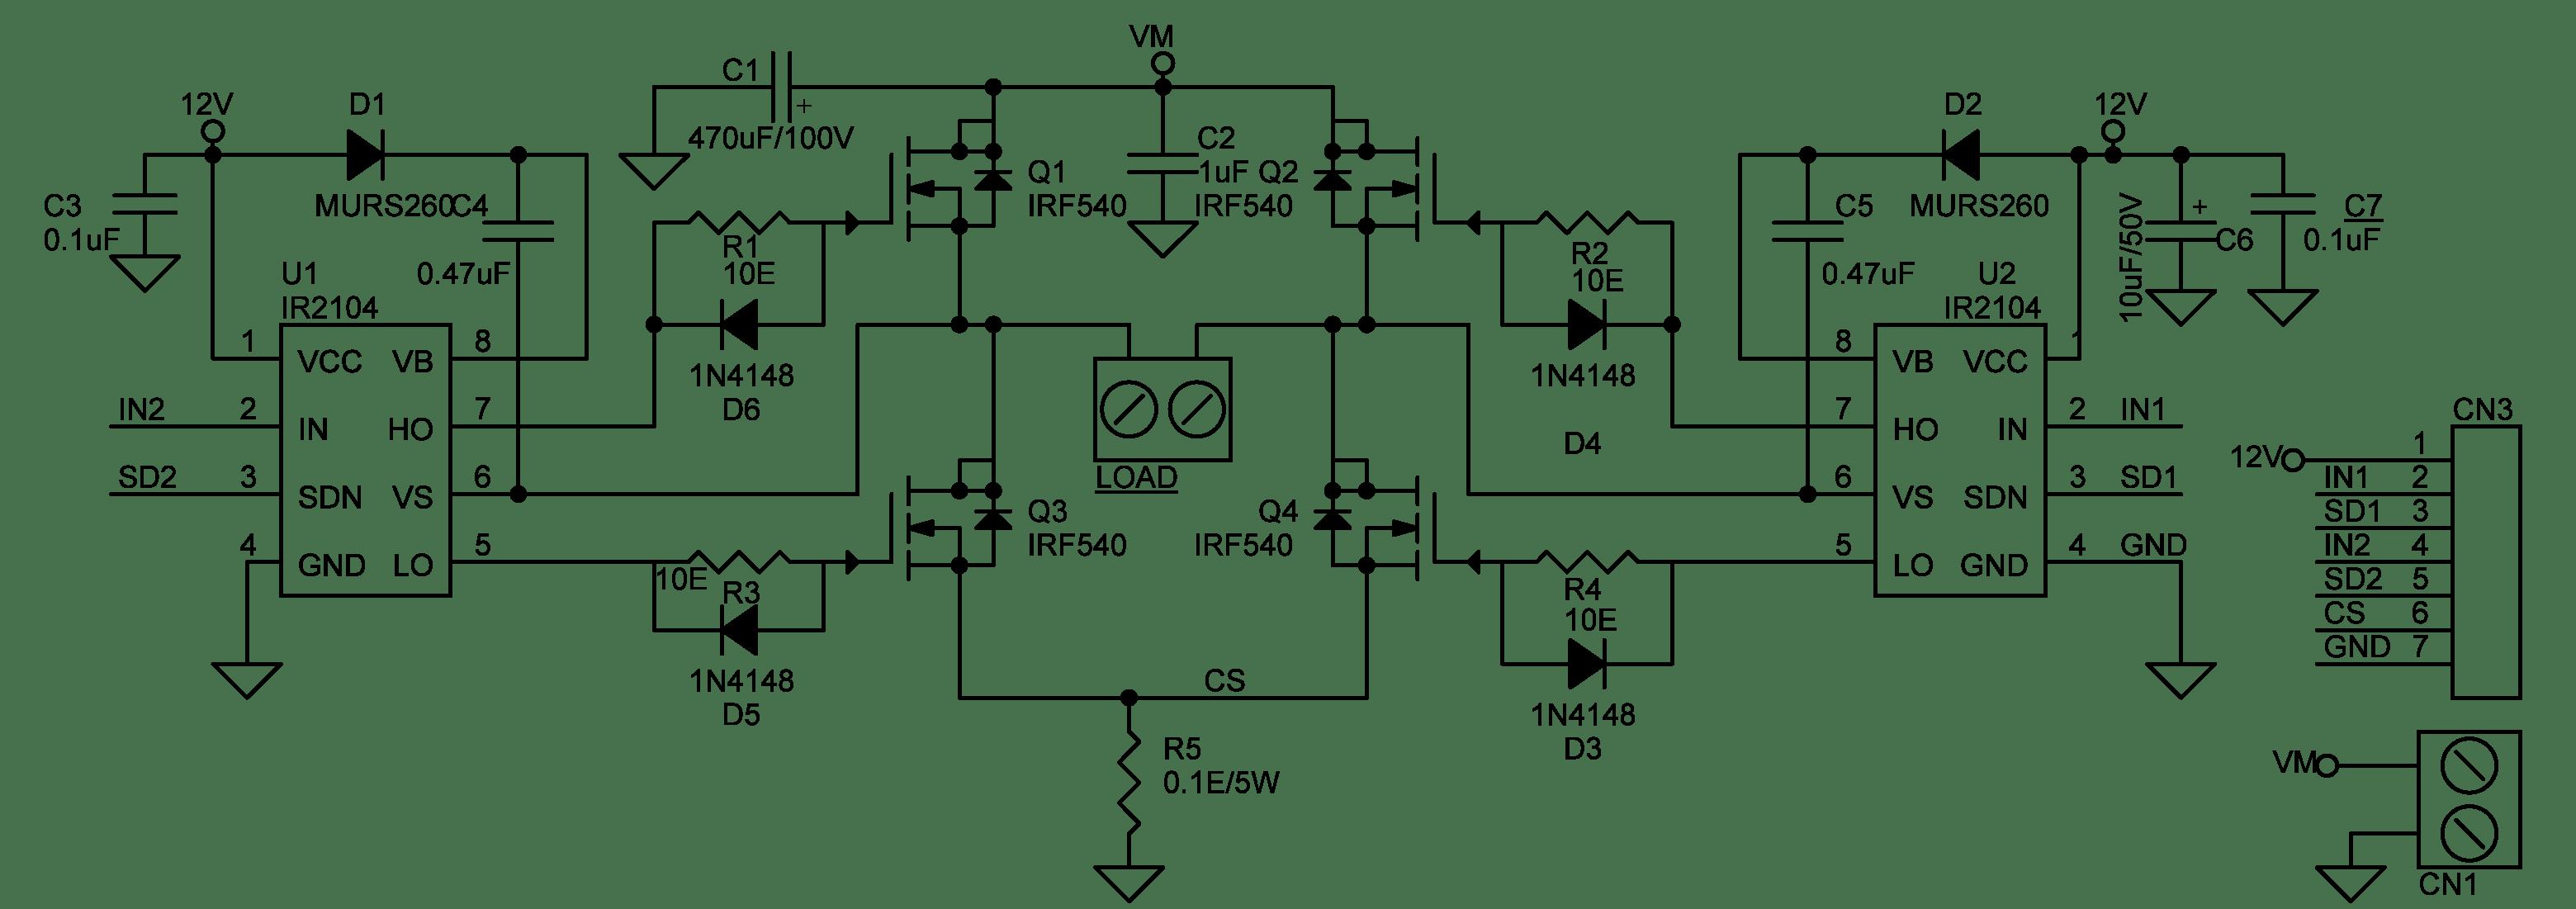 l298 h bridge circuit diagram hogtunes amp wiring dc motor ir2104 electronics lab